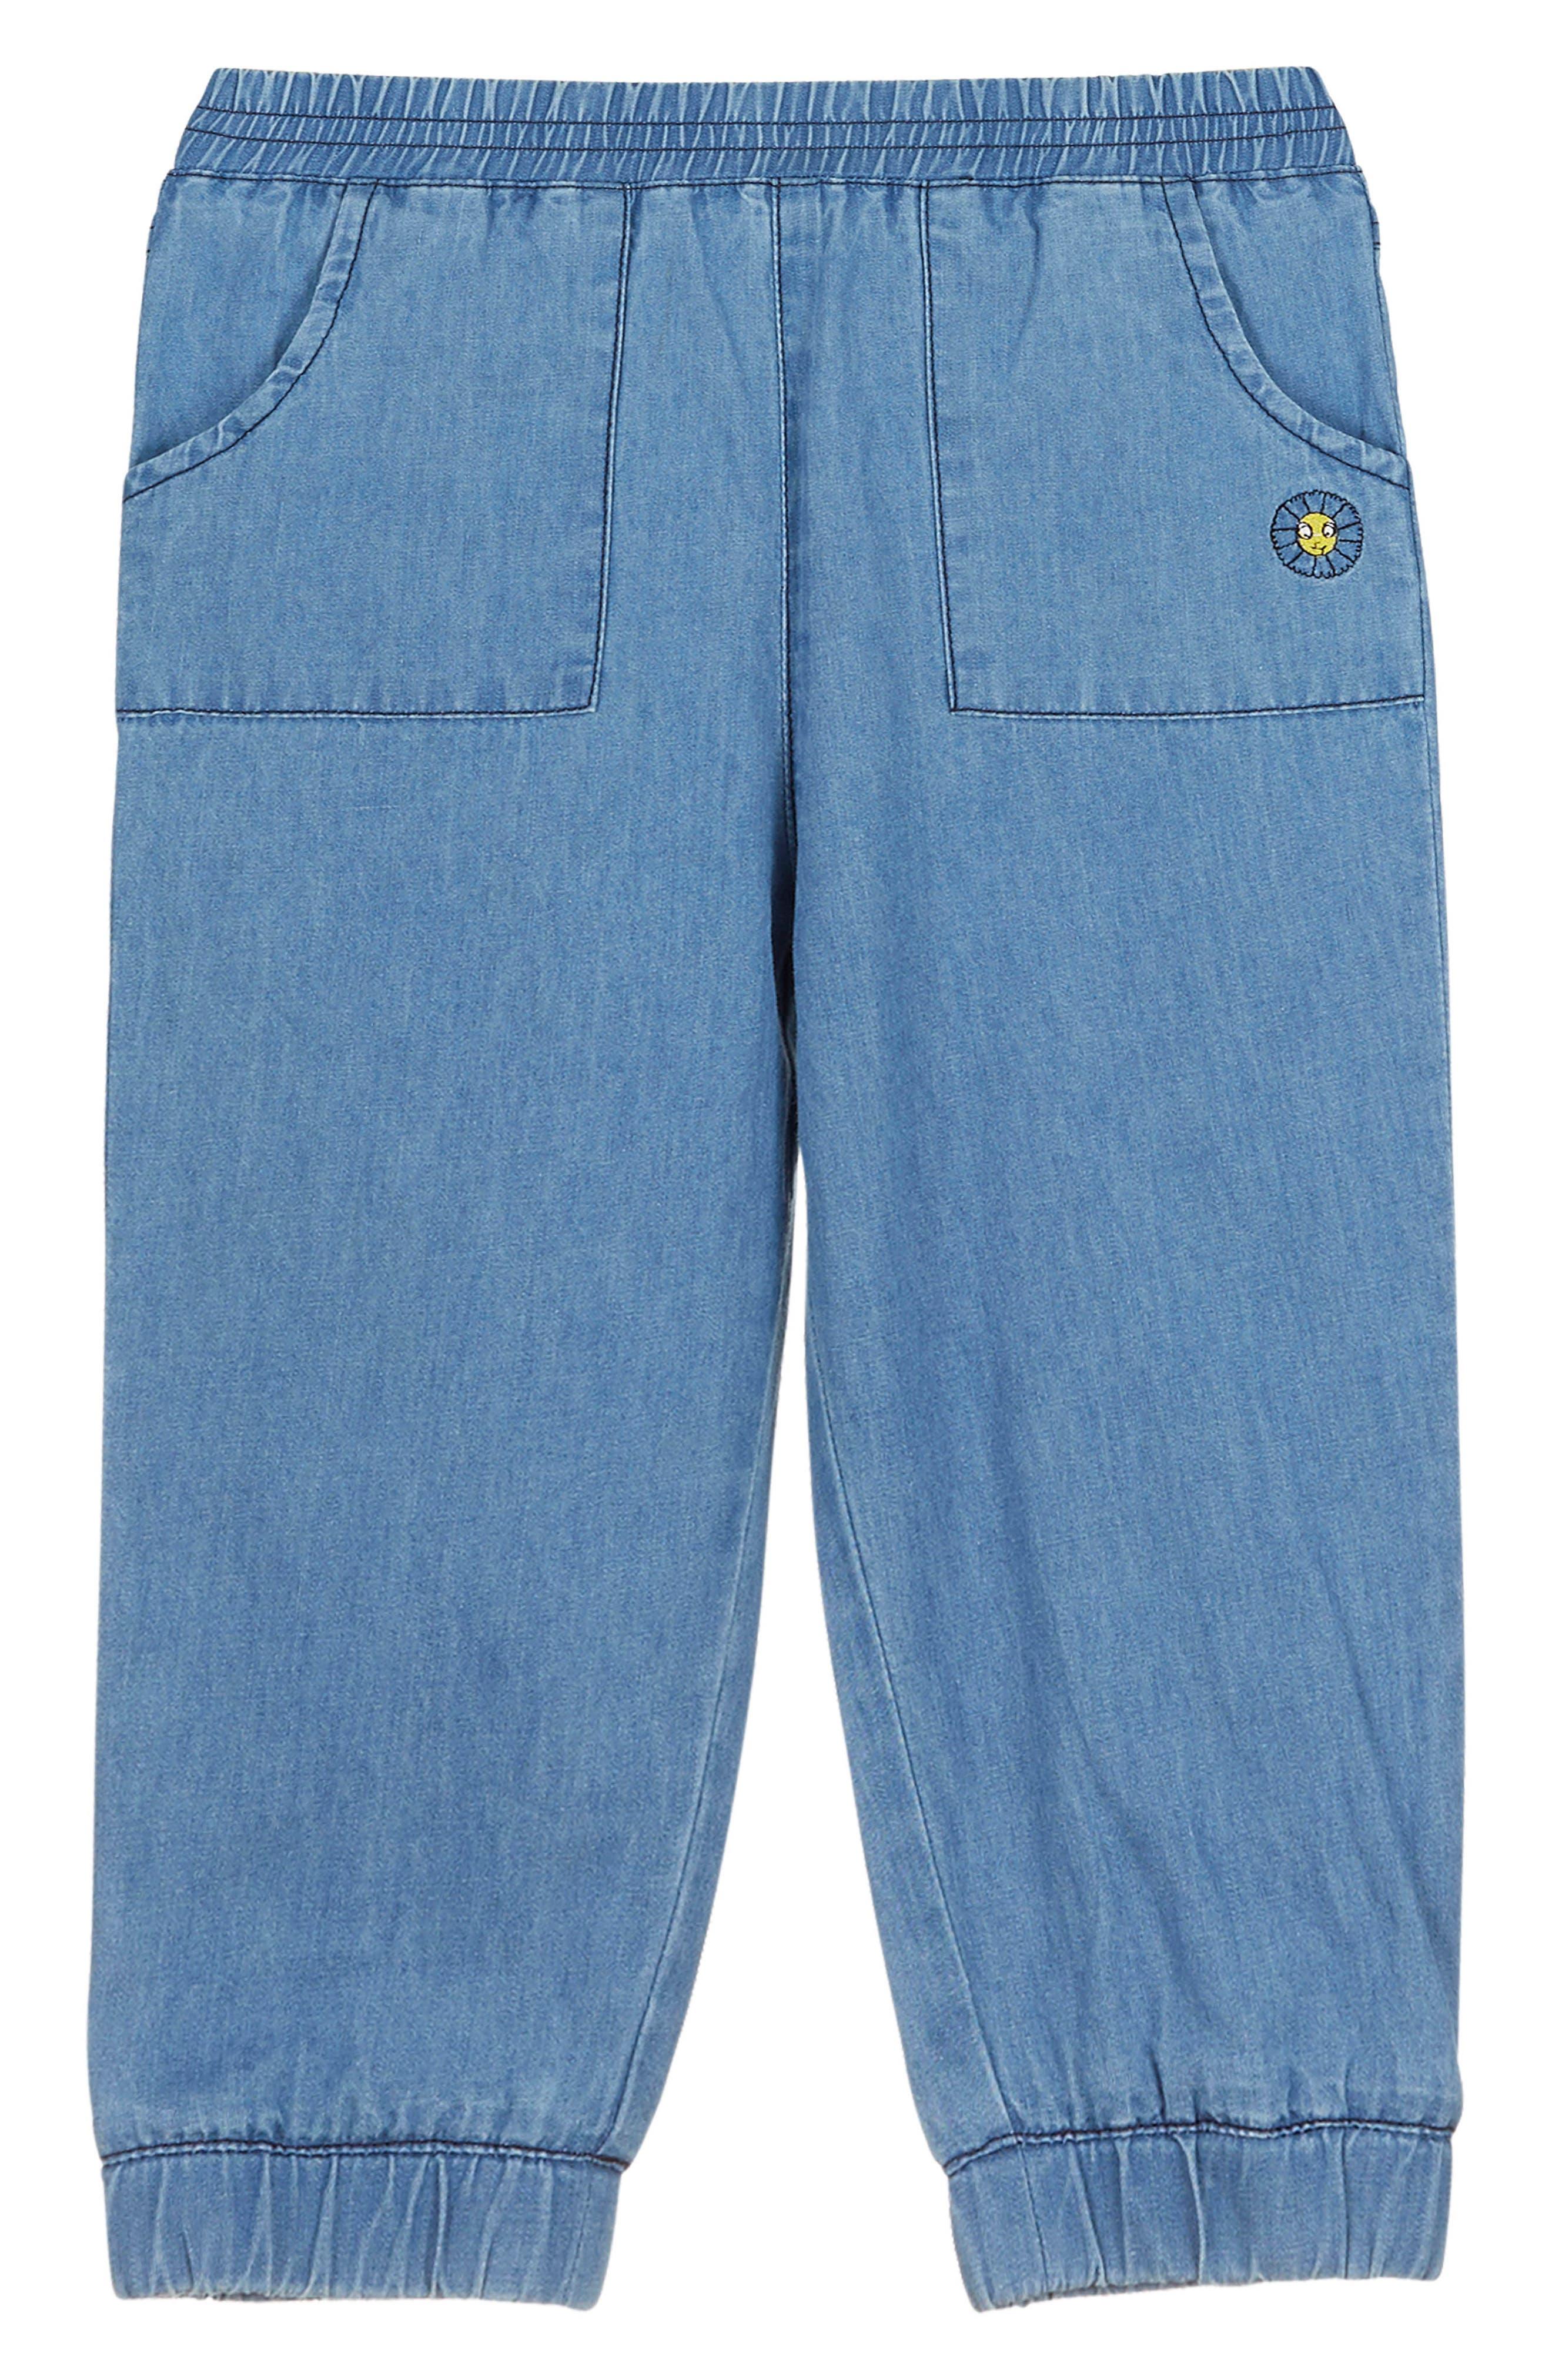 Denim Jogger Pants,                         Main,                         color, Chambray